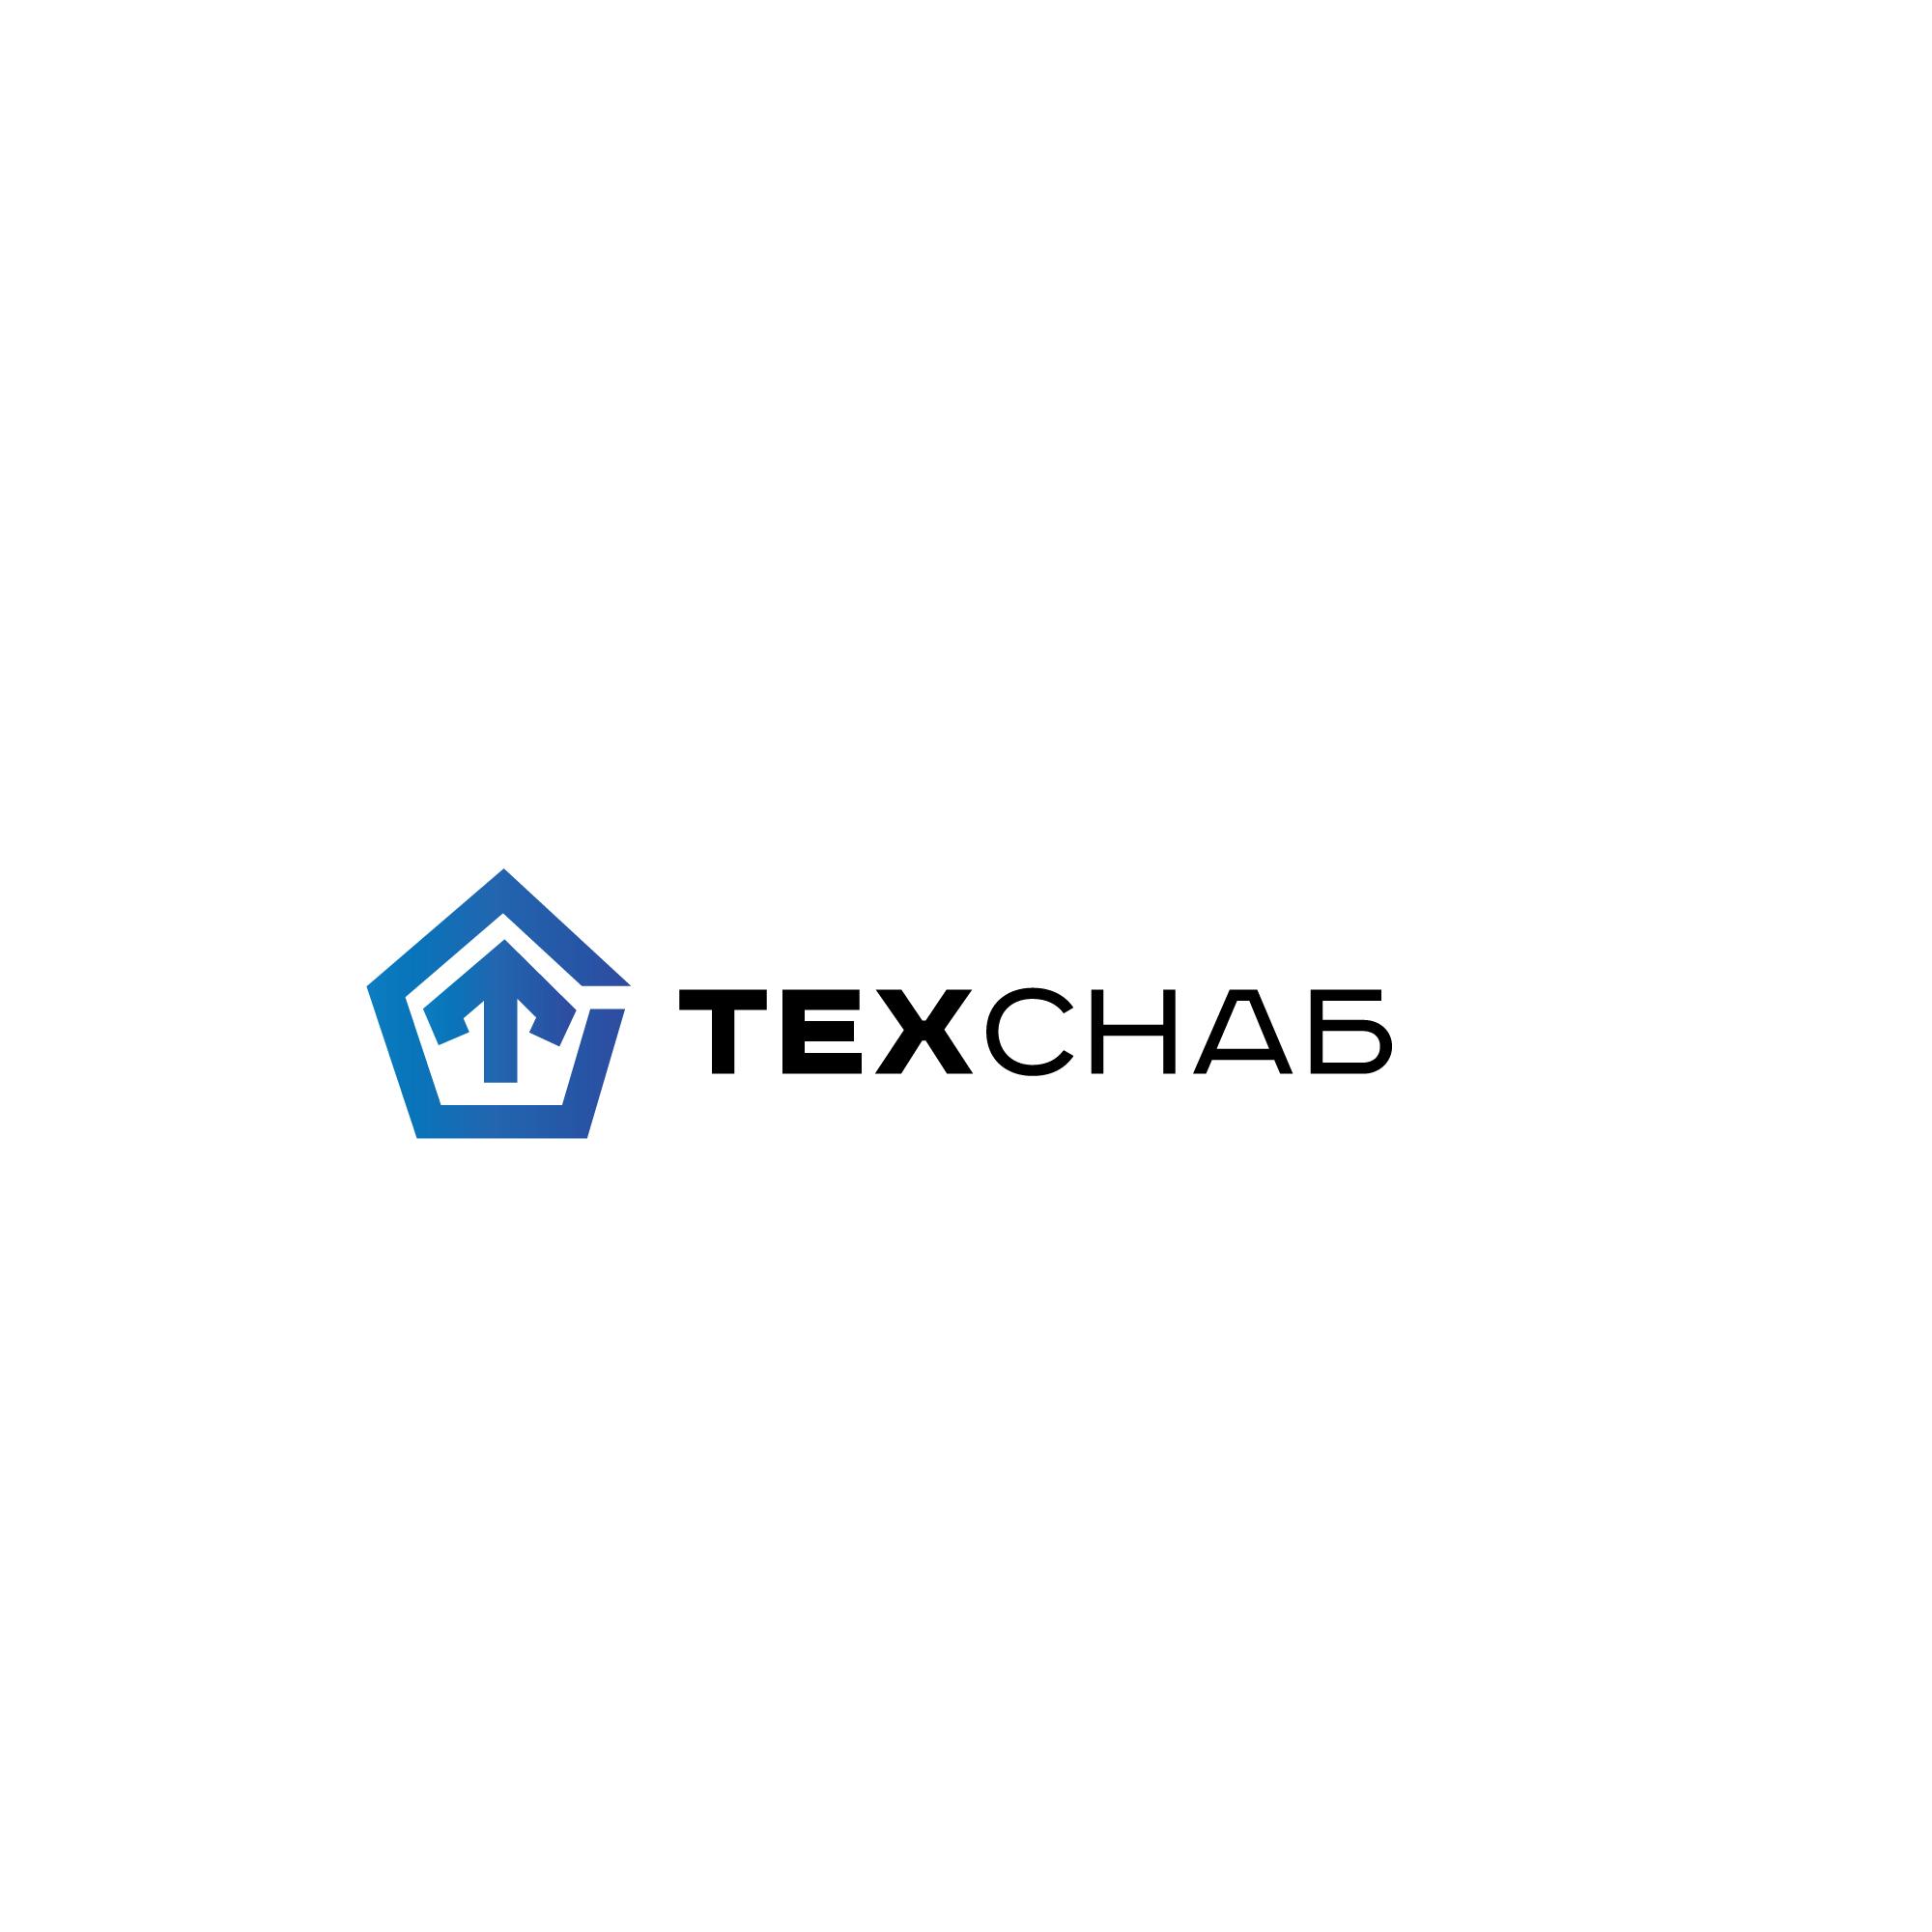 Разработка логотипа и фирм. стиля компании  ТЕХСНАБ фото f_8015b1eb1dfd00d5.jpg